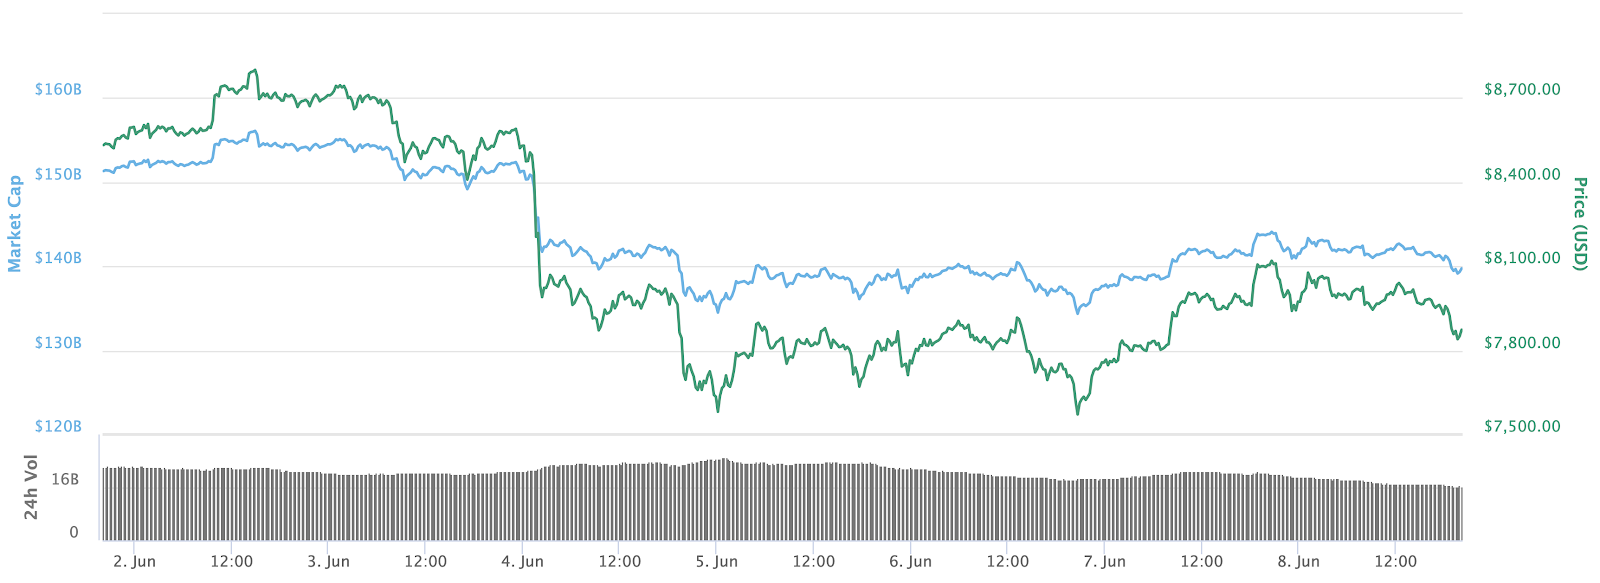 Gráfico de preços de 7 dias do Bitcoin.  Fonte: CoinMarketCap